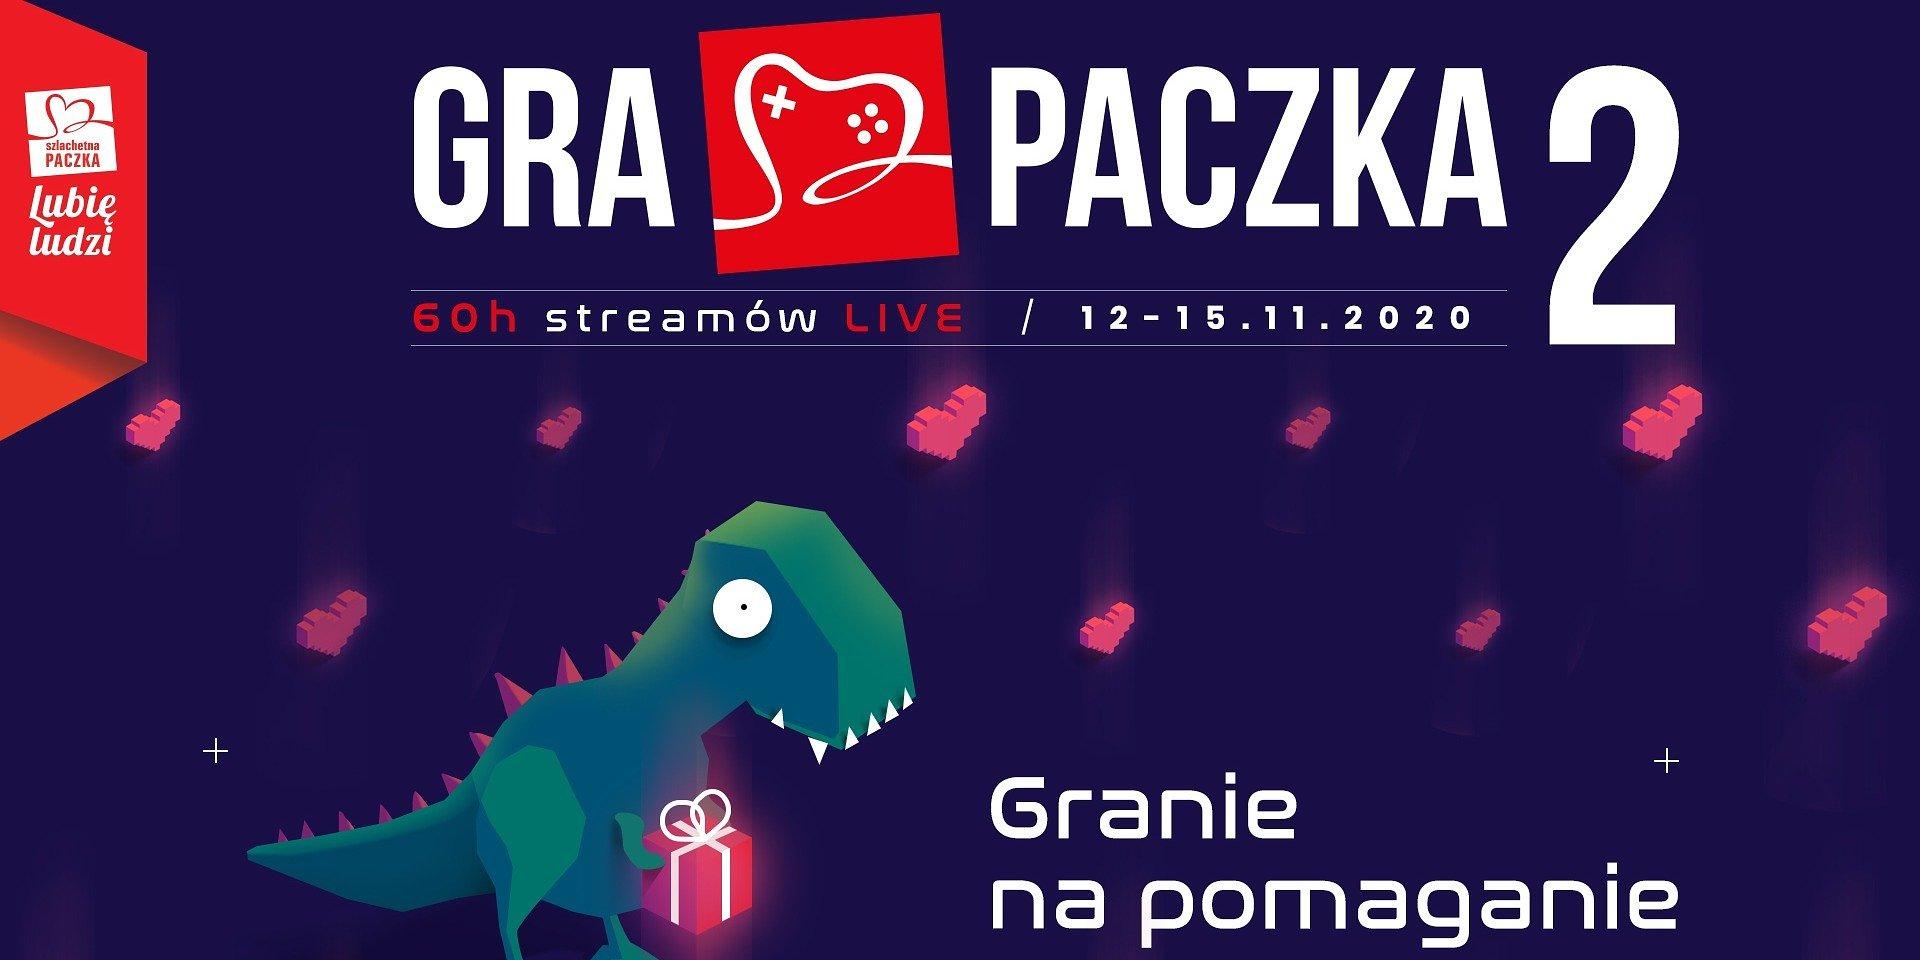 Final countdown! Charytatywny stream Gra Paczka już za kilka dni. Na uczestników czekają nagrody związane m.in. ze światem Cyberpunk 2077